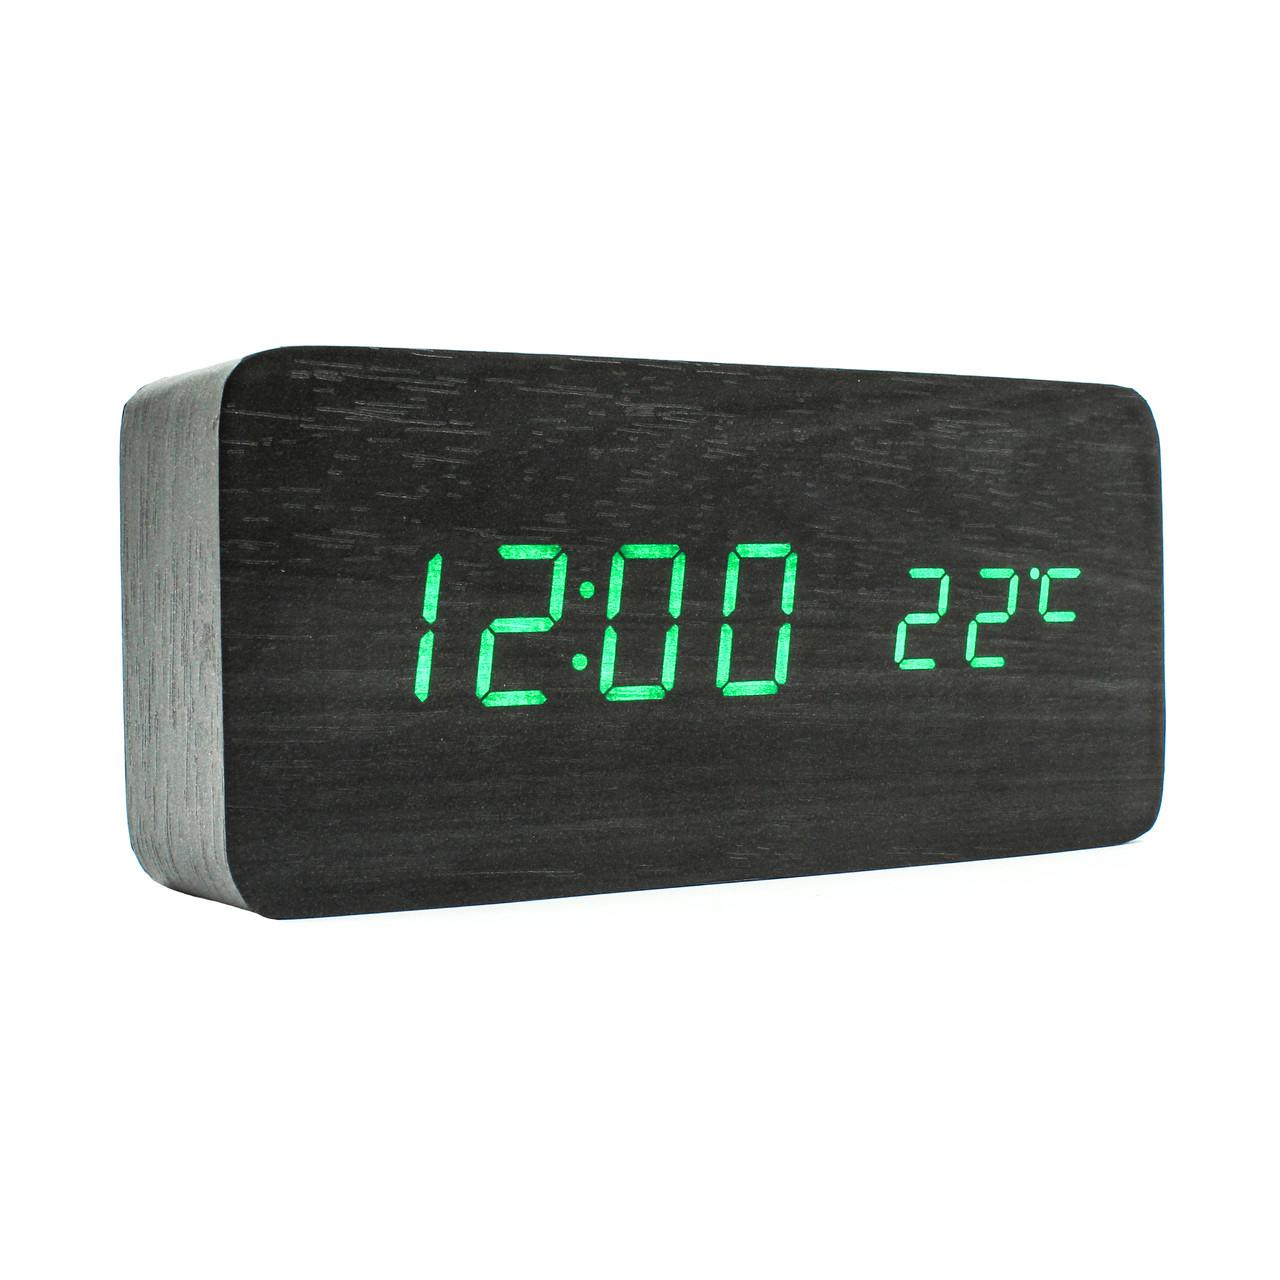 Настольные электронные часы VST-862  в деревянном корпусе с температурой